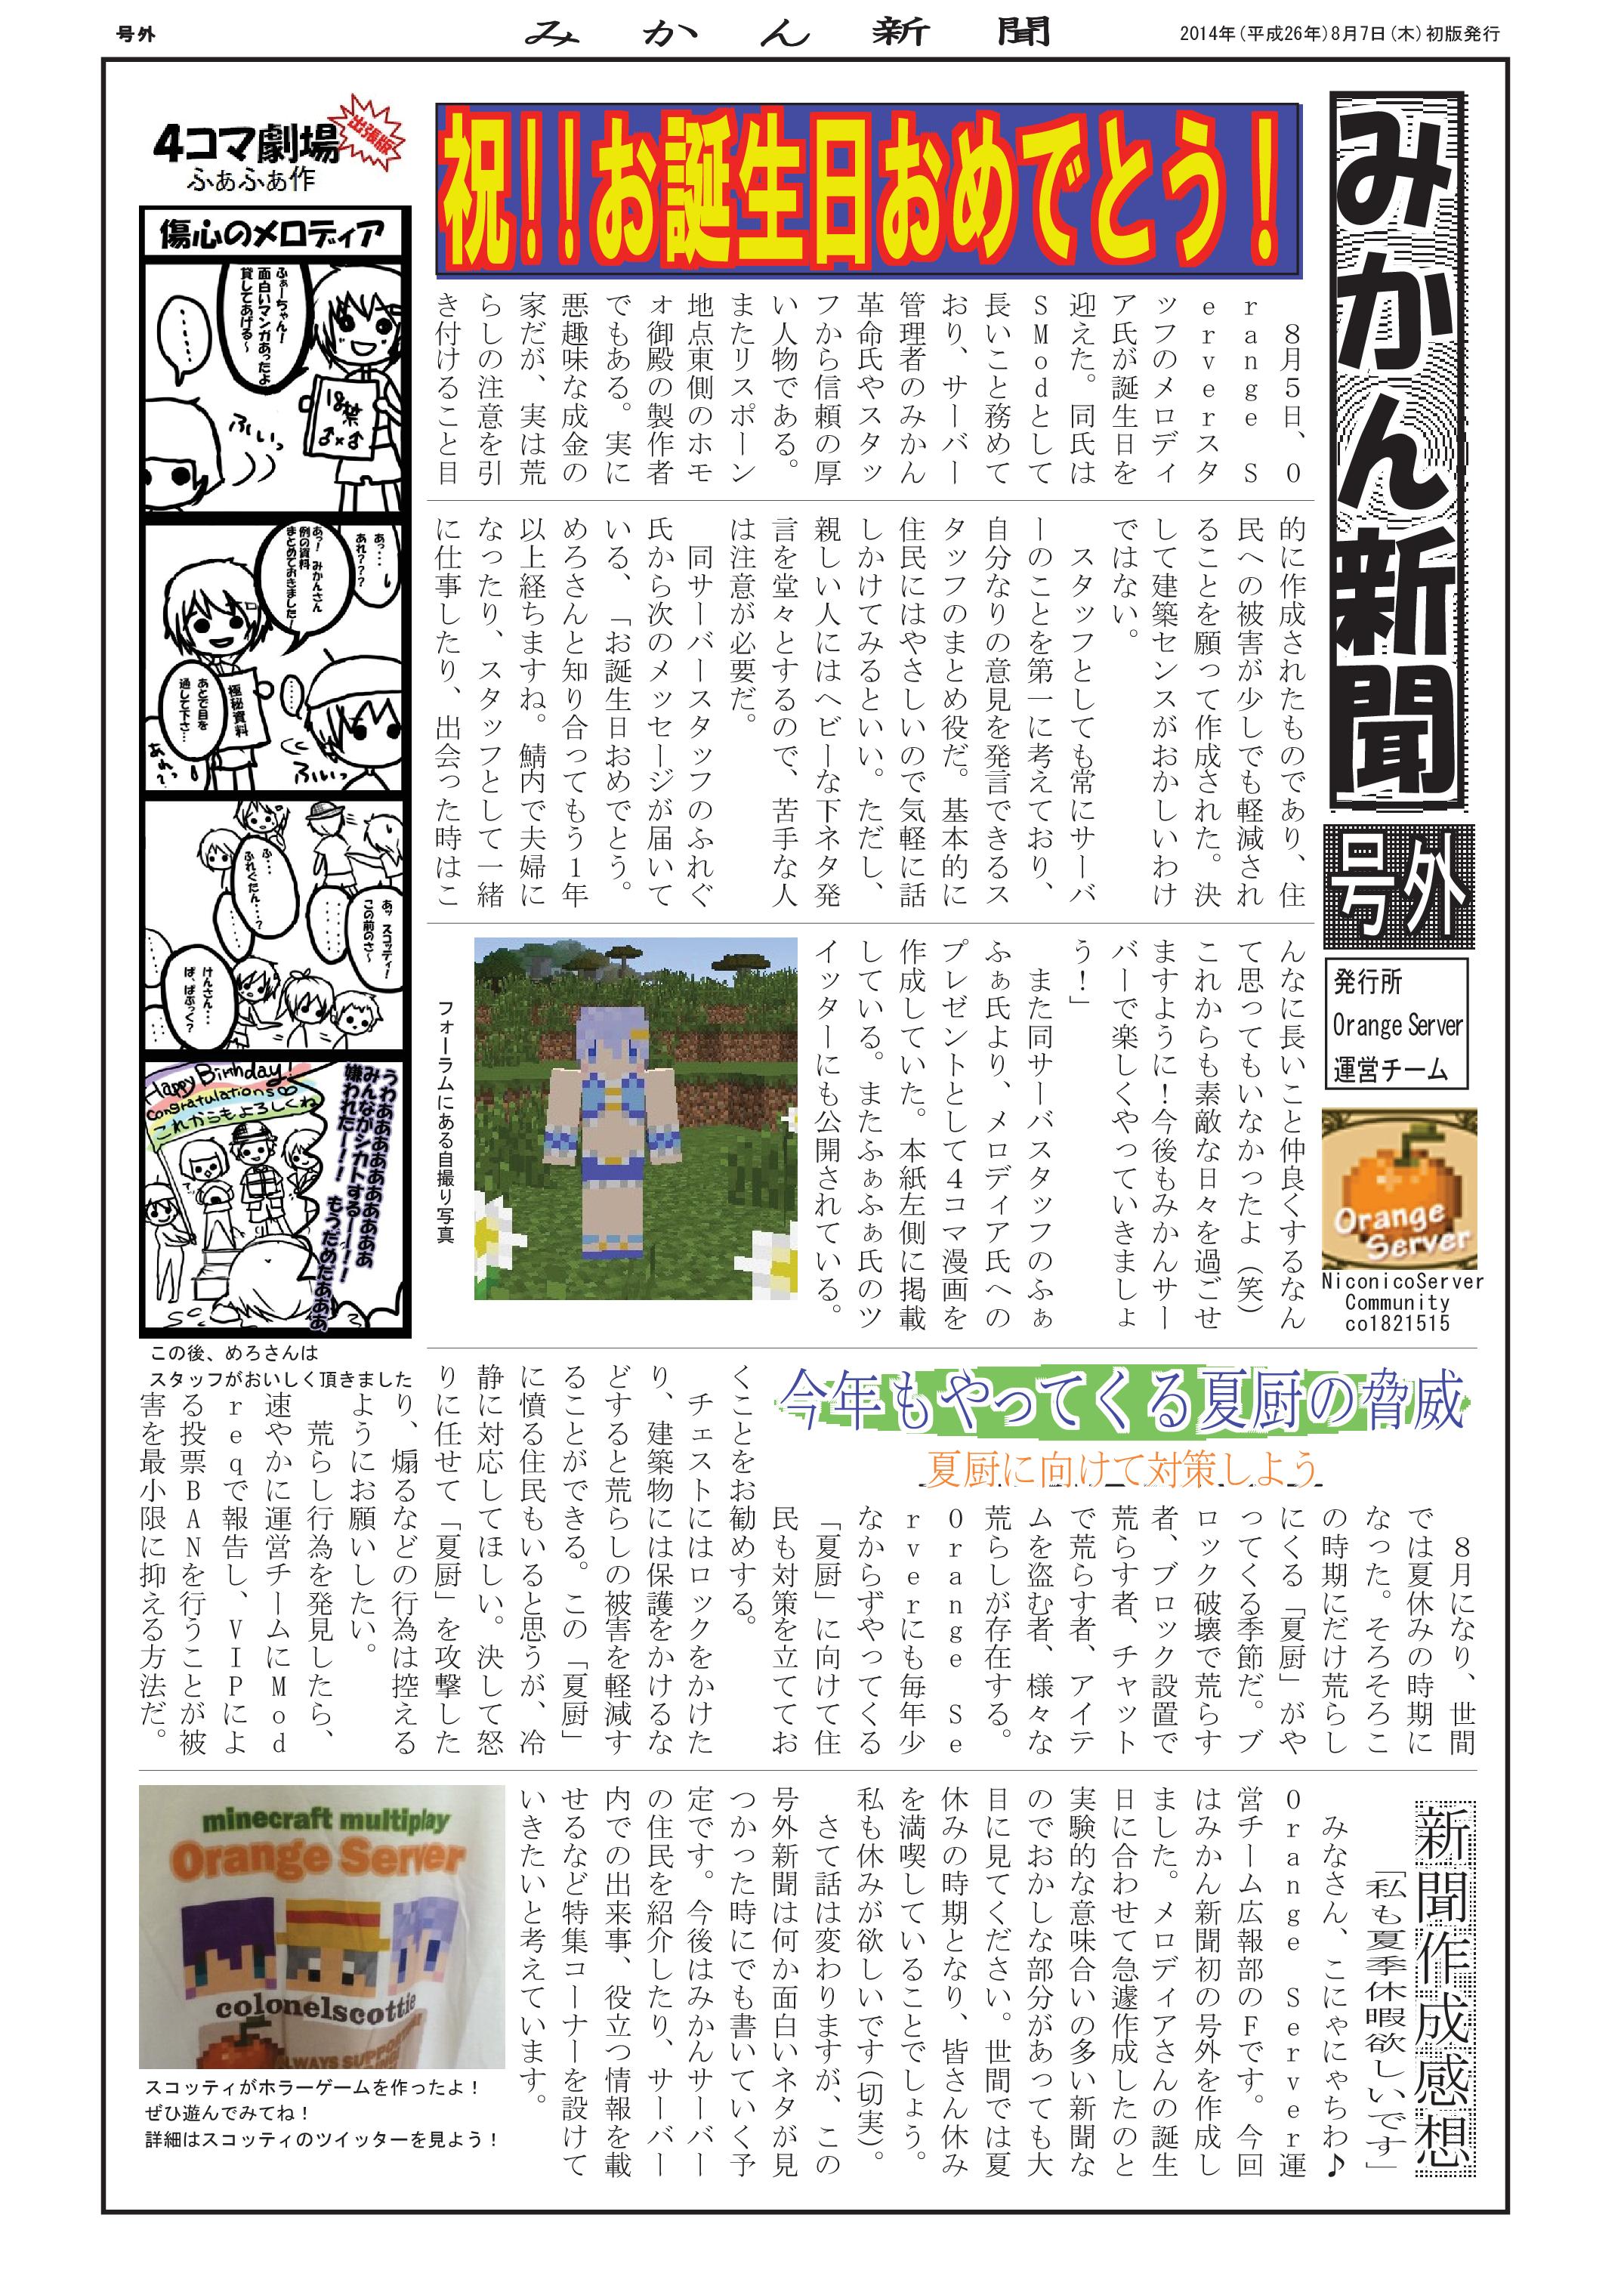 みかん新聞号外1号画像